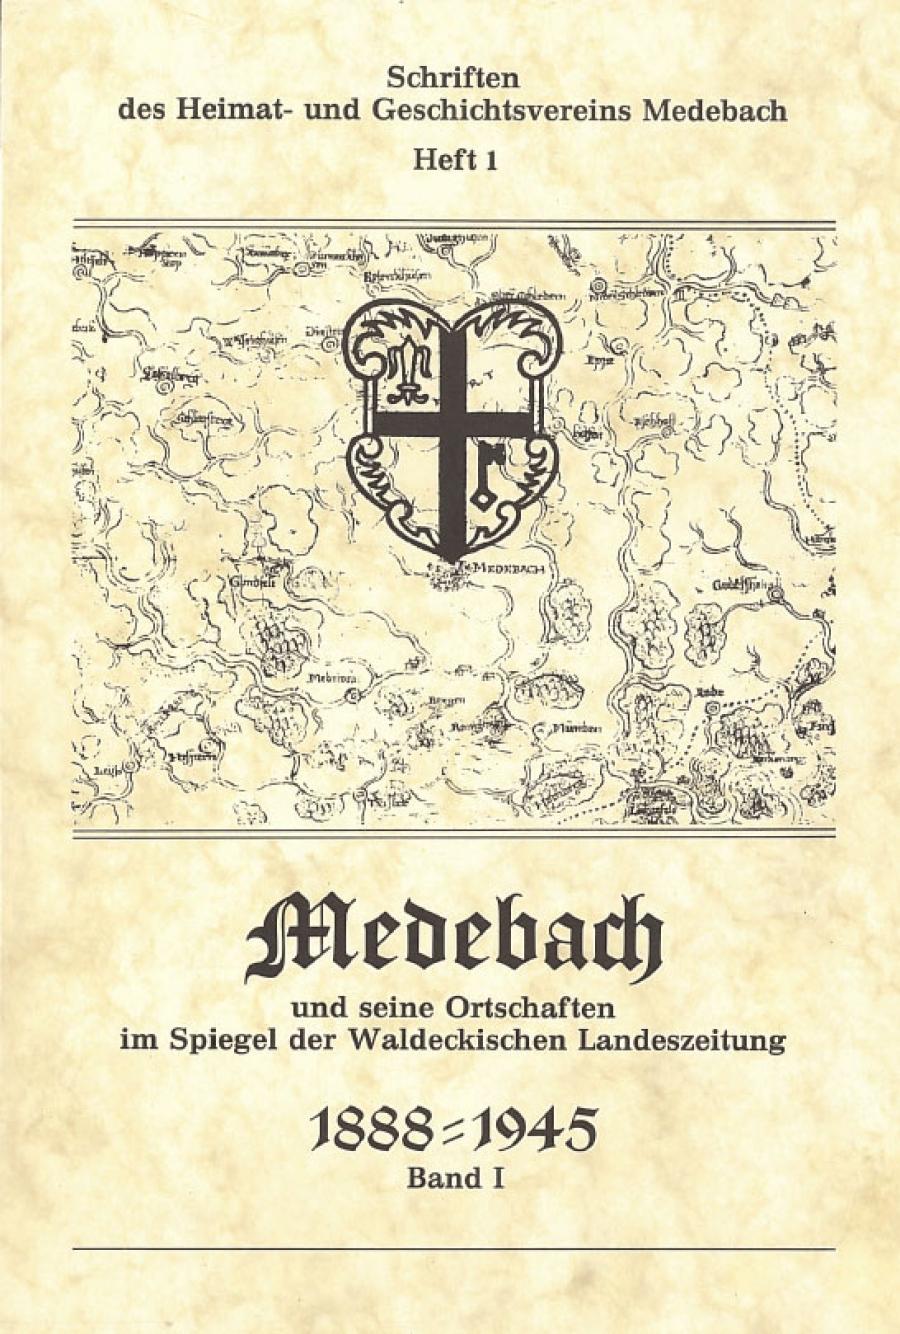 Im Spiegel der Waldeckischen Landeszeitung I